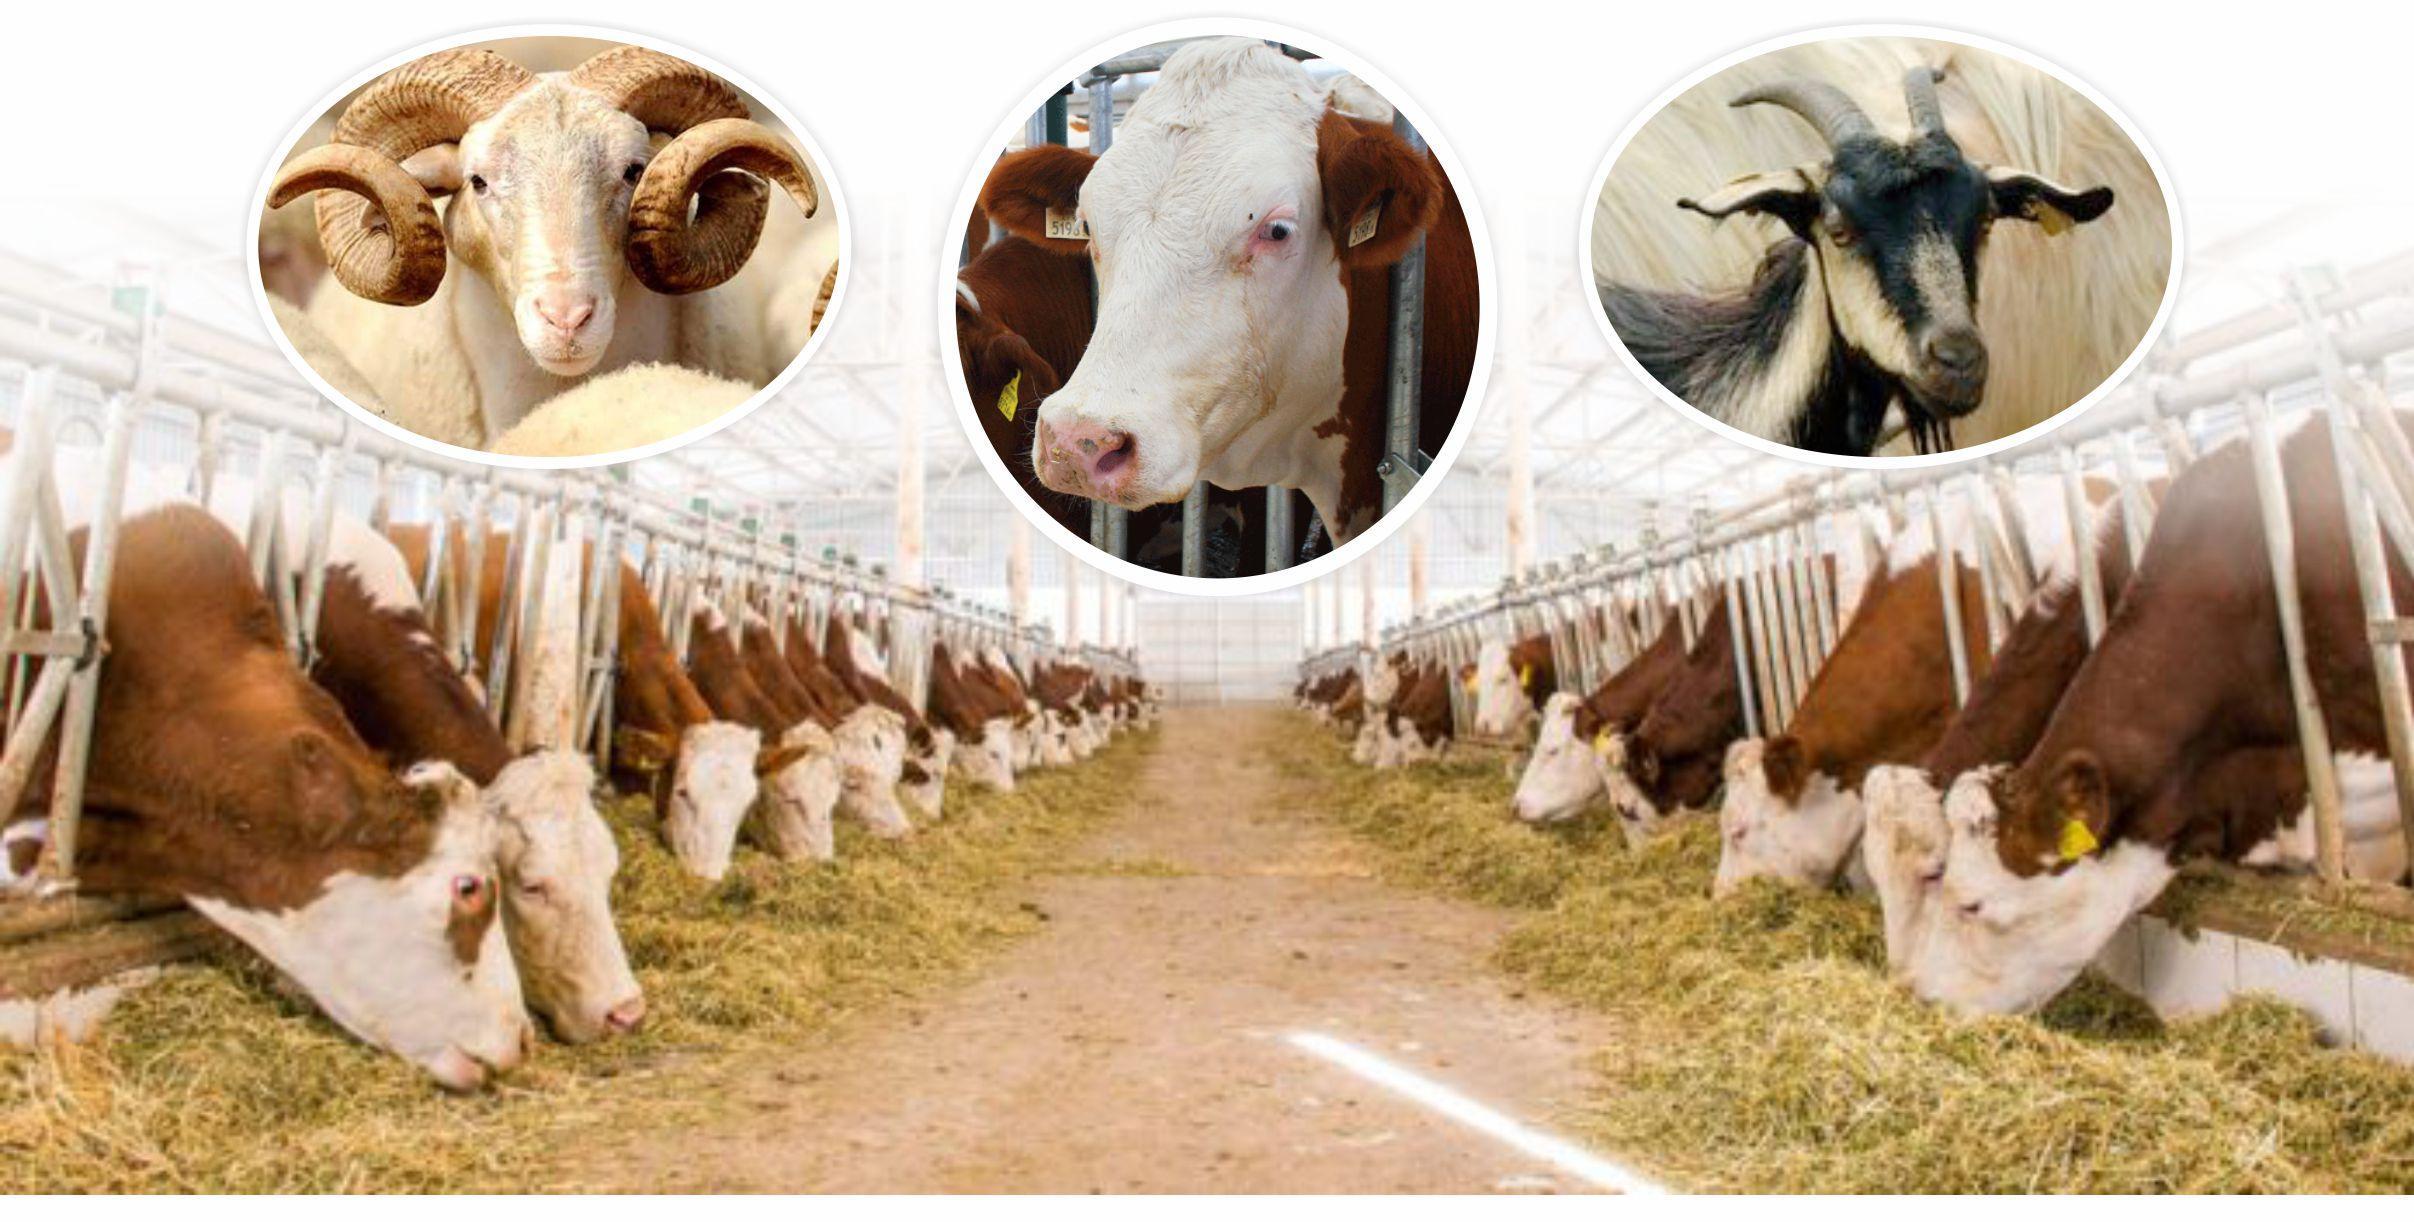 Kovid-19 nedeniyle küçük kapasiteli hayvancılık işletmelerine yem desteği verilecek Gündem Haberi | GÜNEŞ